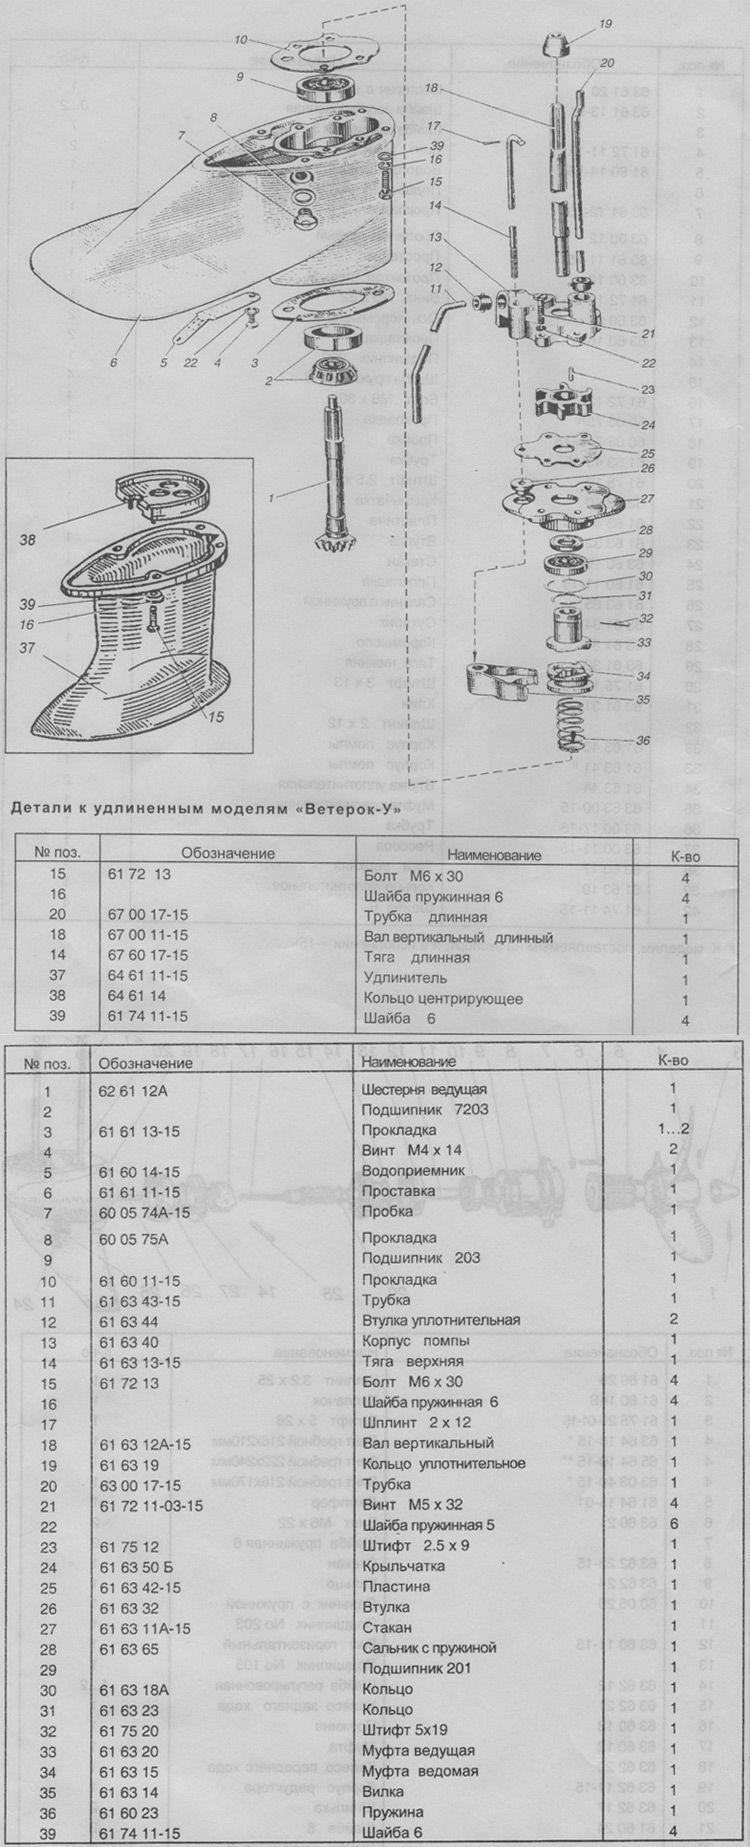 руководство по ремонту и эксплуатации ветерок 12